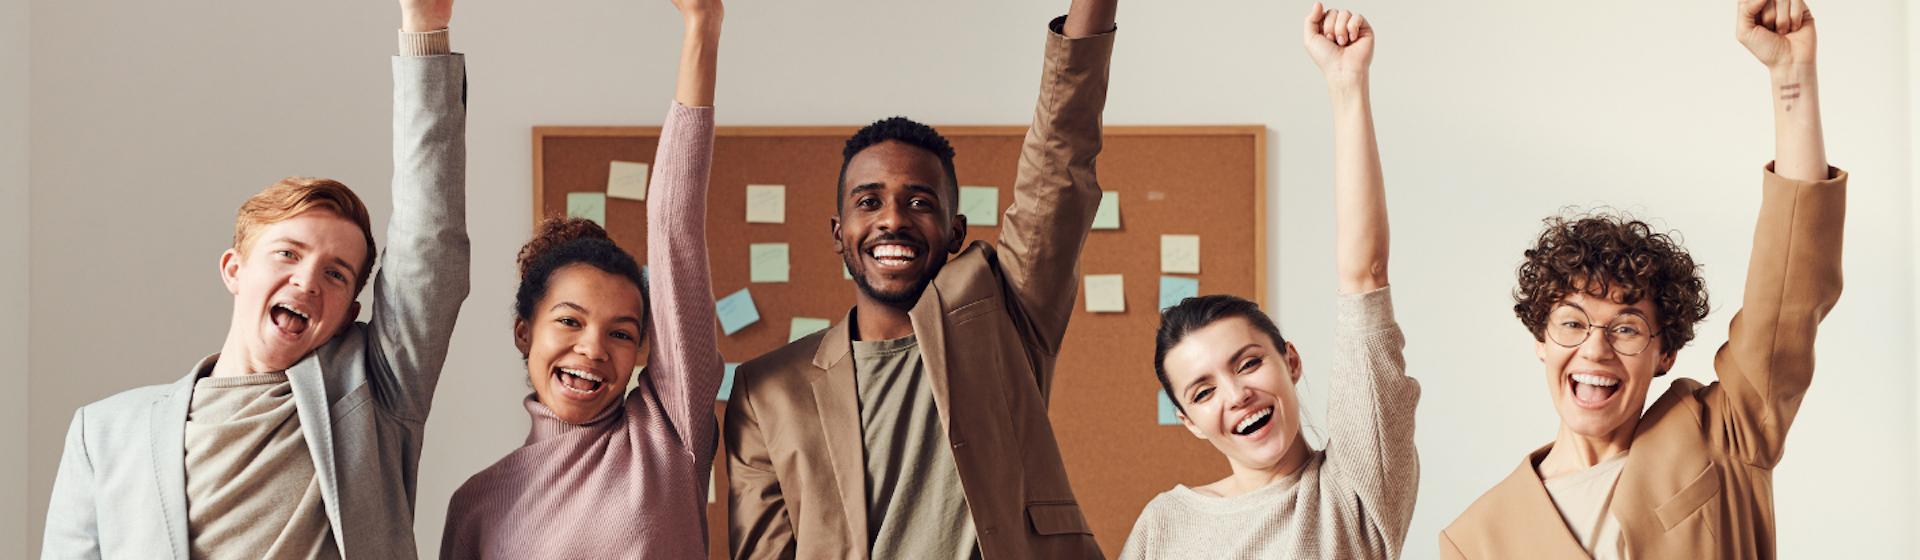 Frases para trabajar en equipo: una vuelta de tuerca para motivar